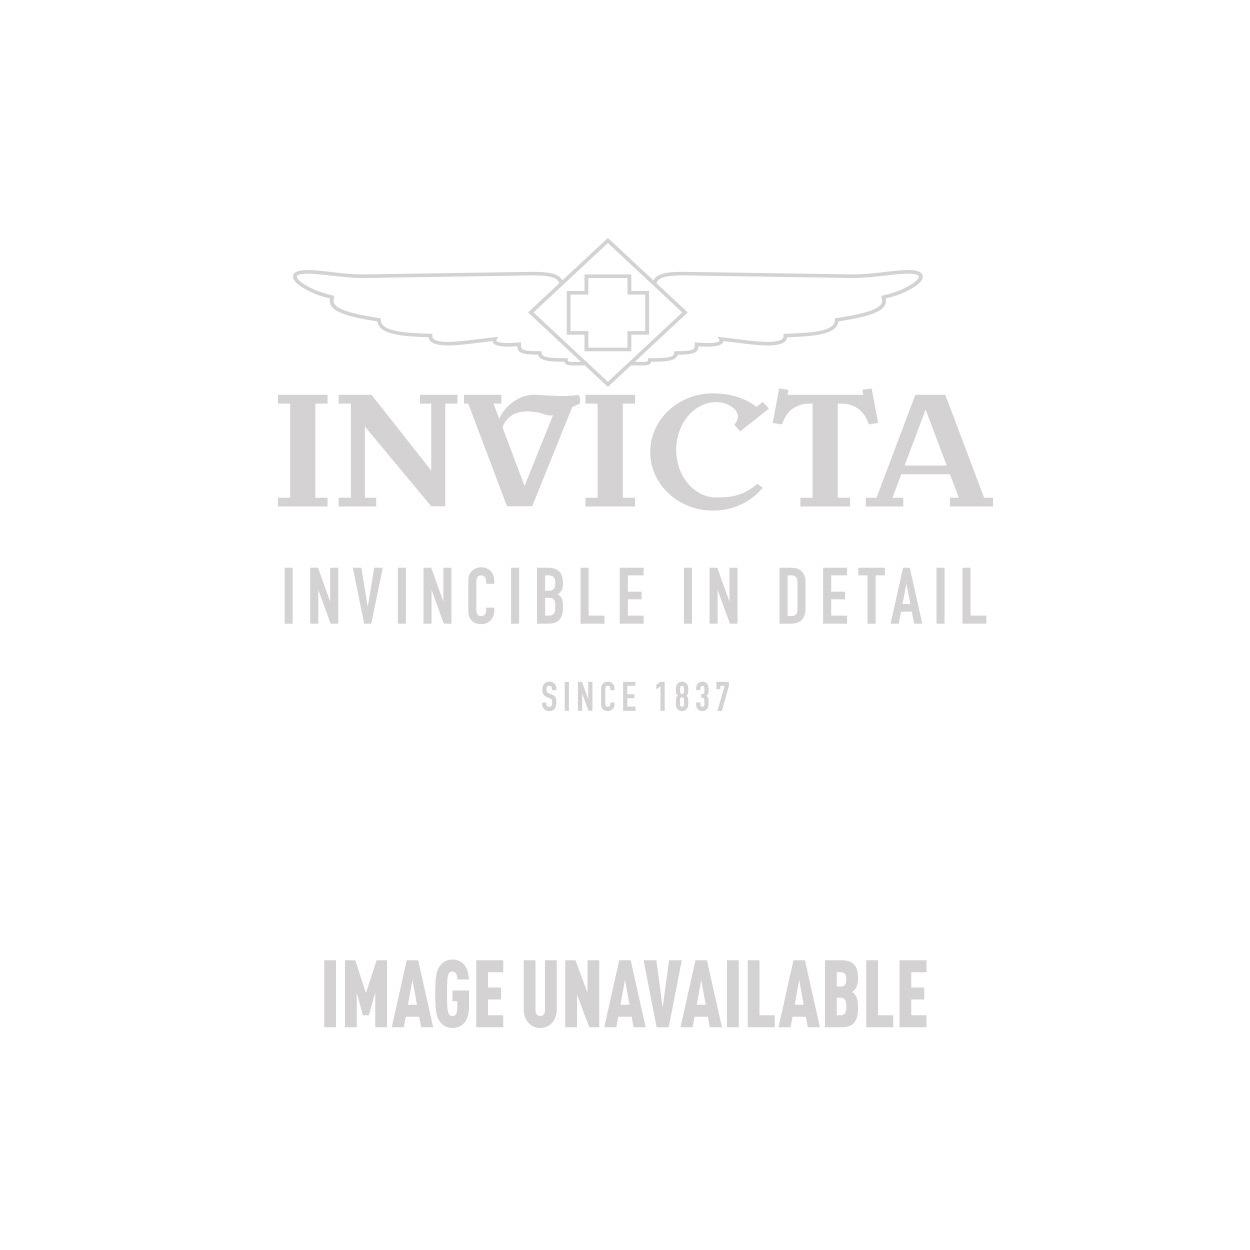 Invicta Model 28495